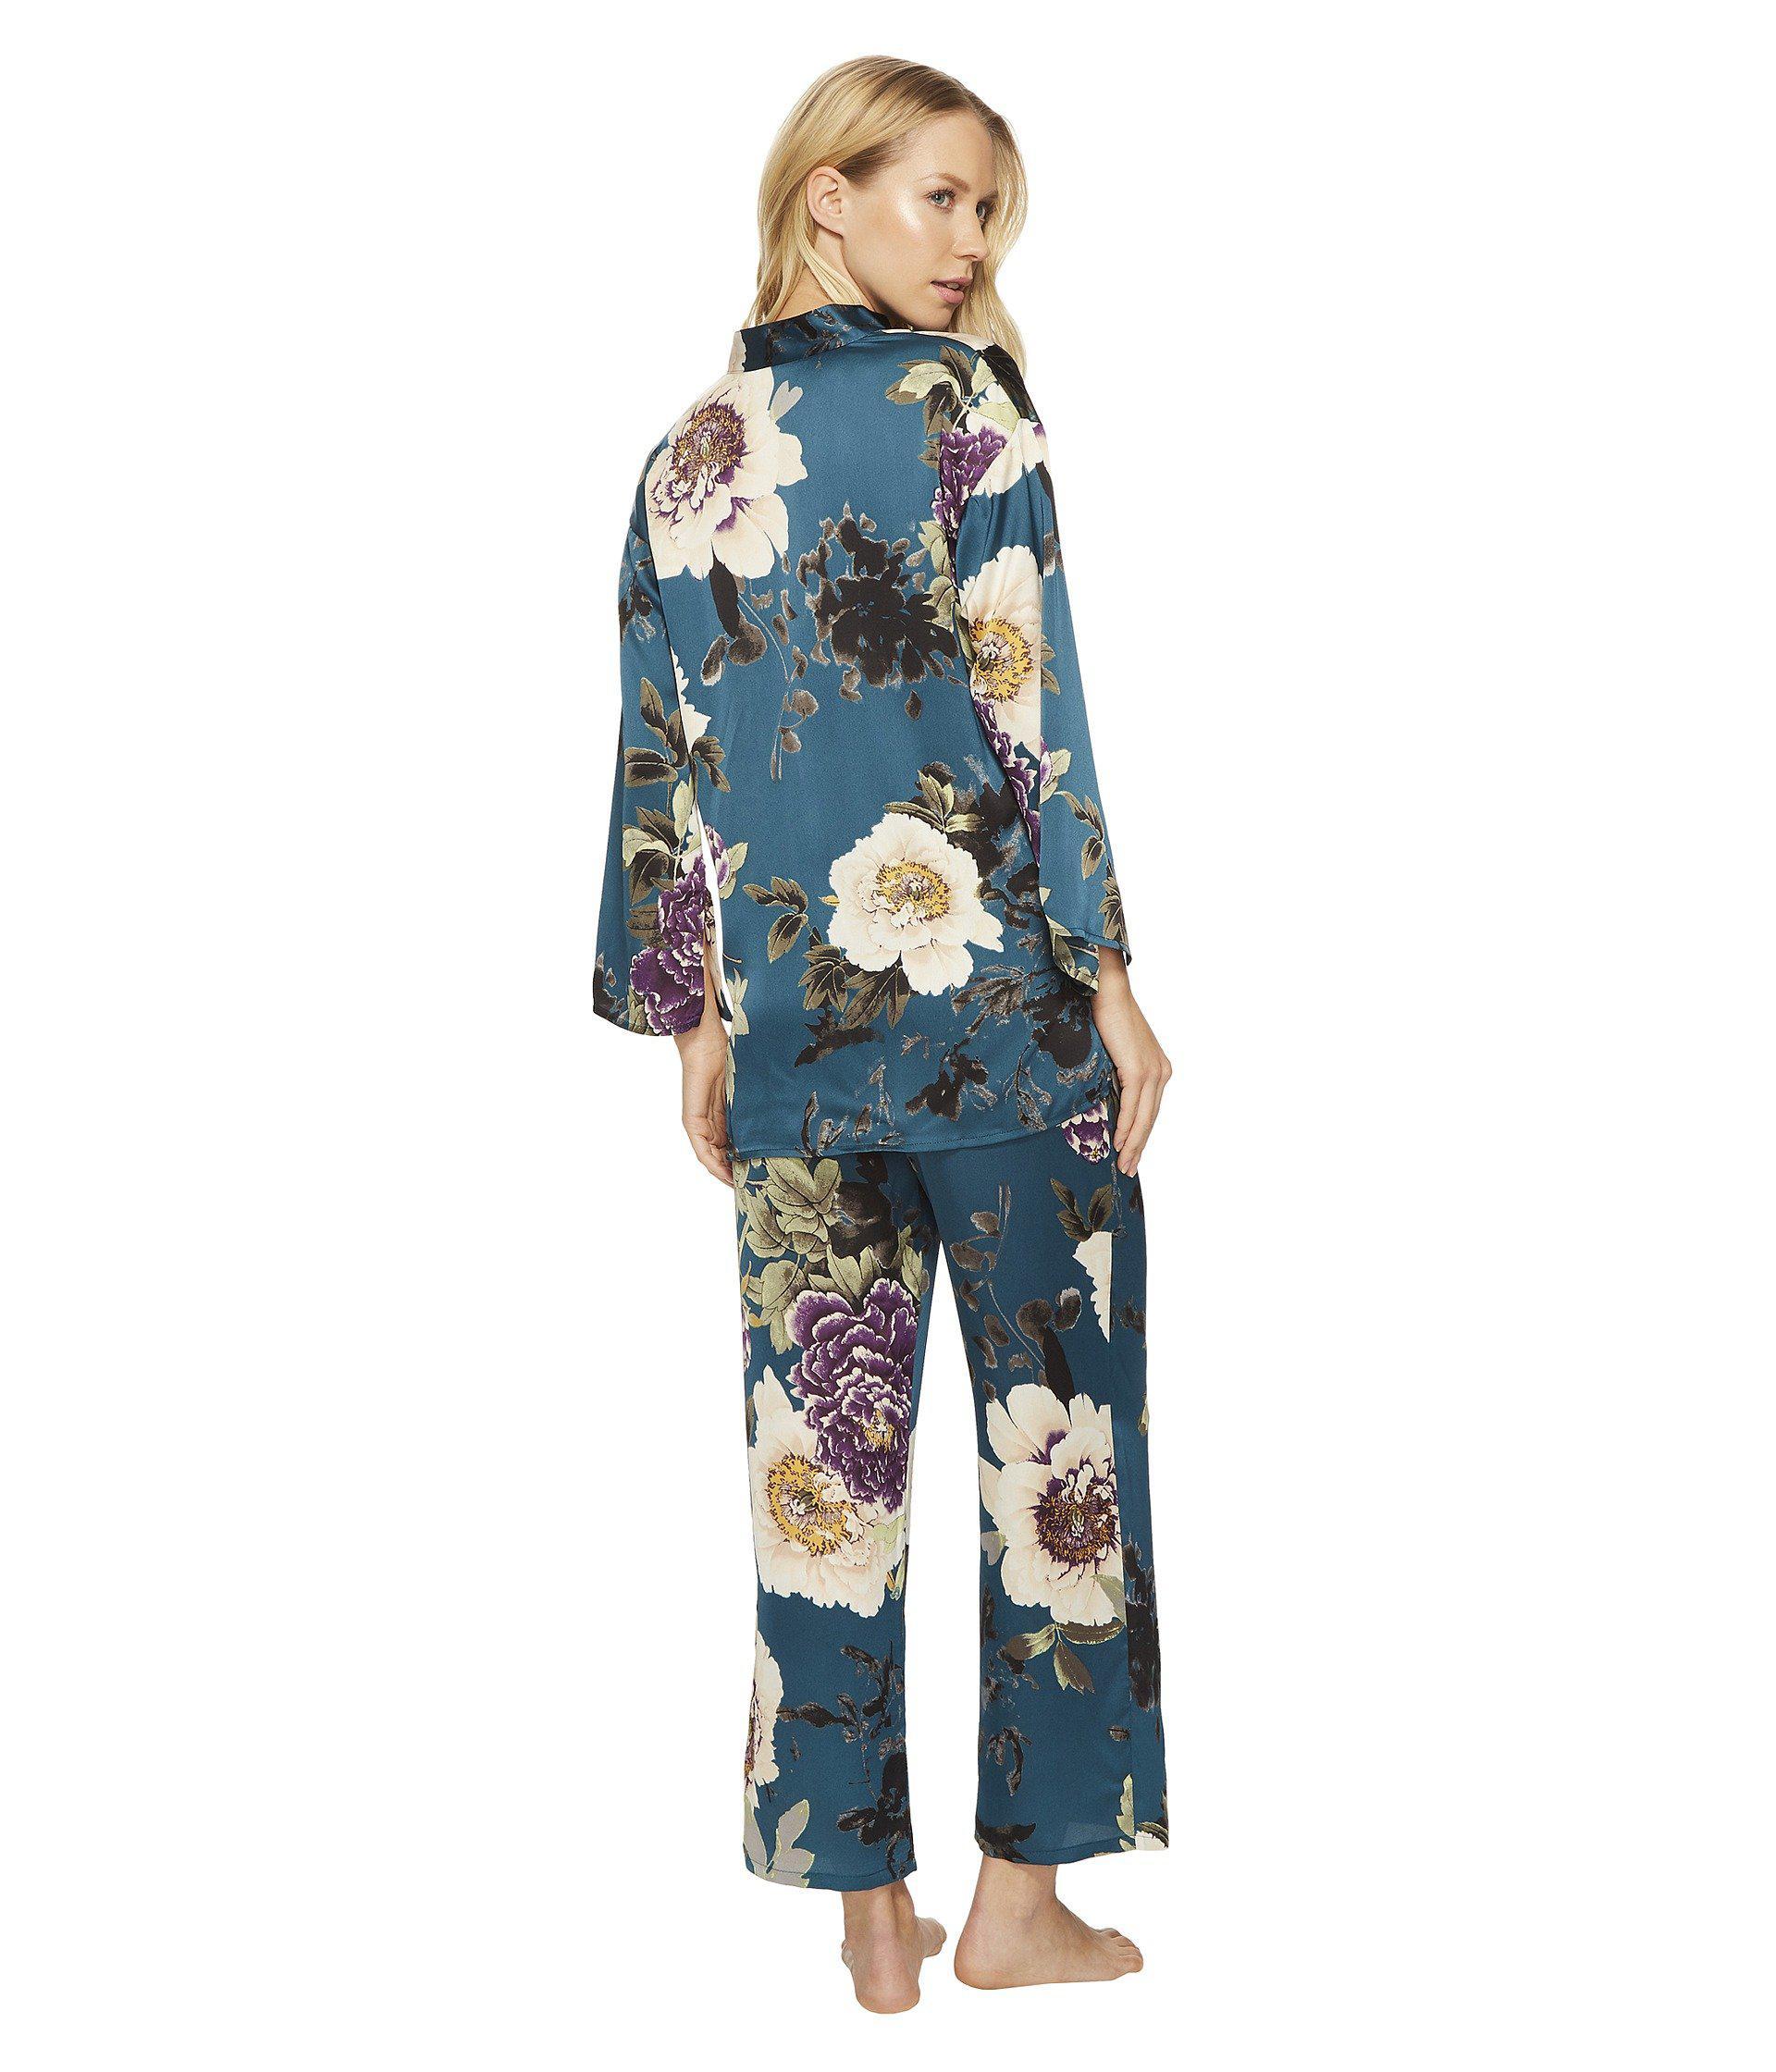 1afa757b75 Lyst - N By Natori Floral Dynasty Pj Set in Blue